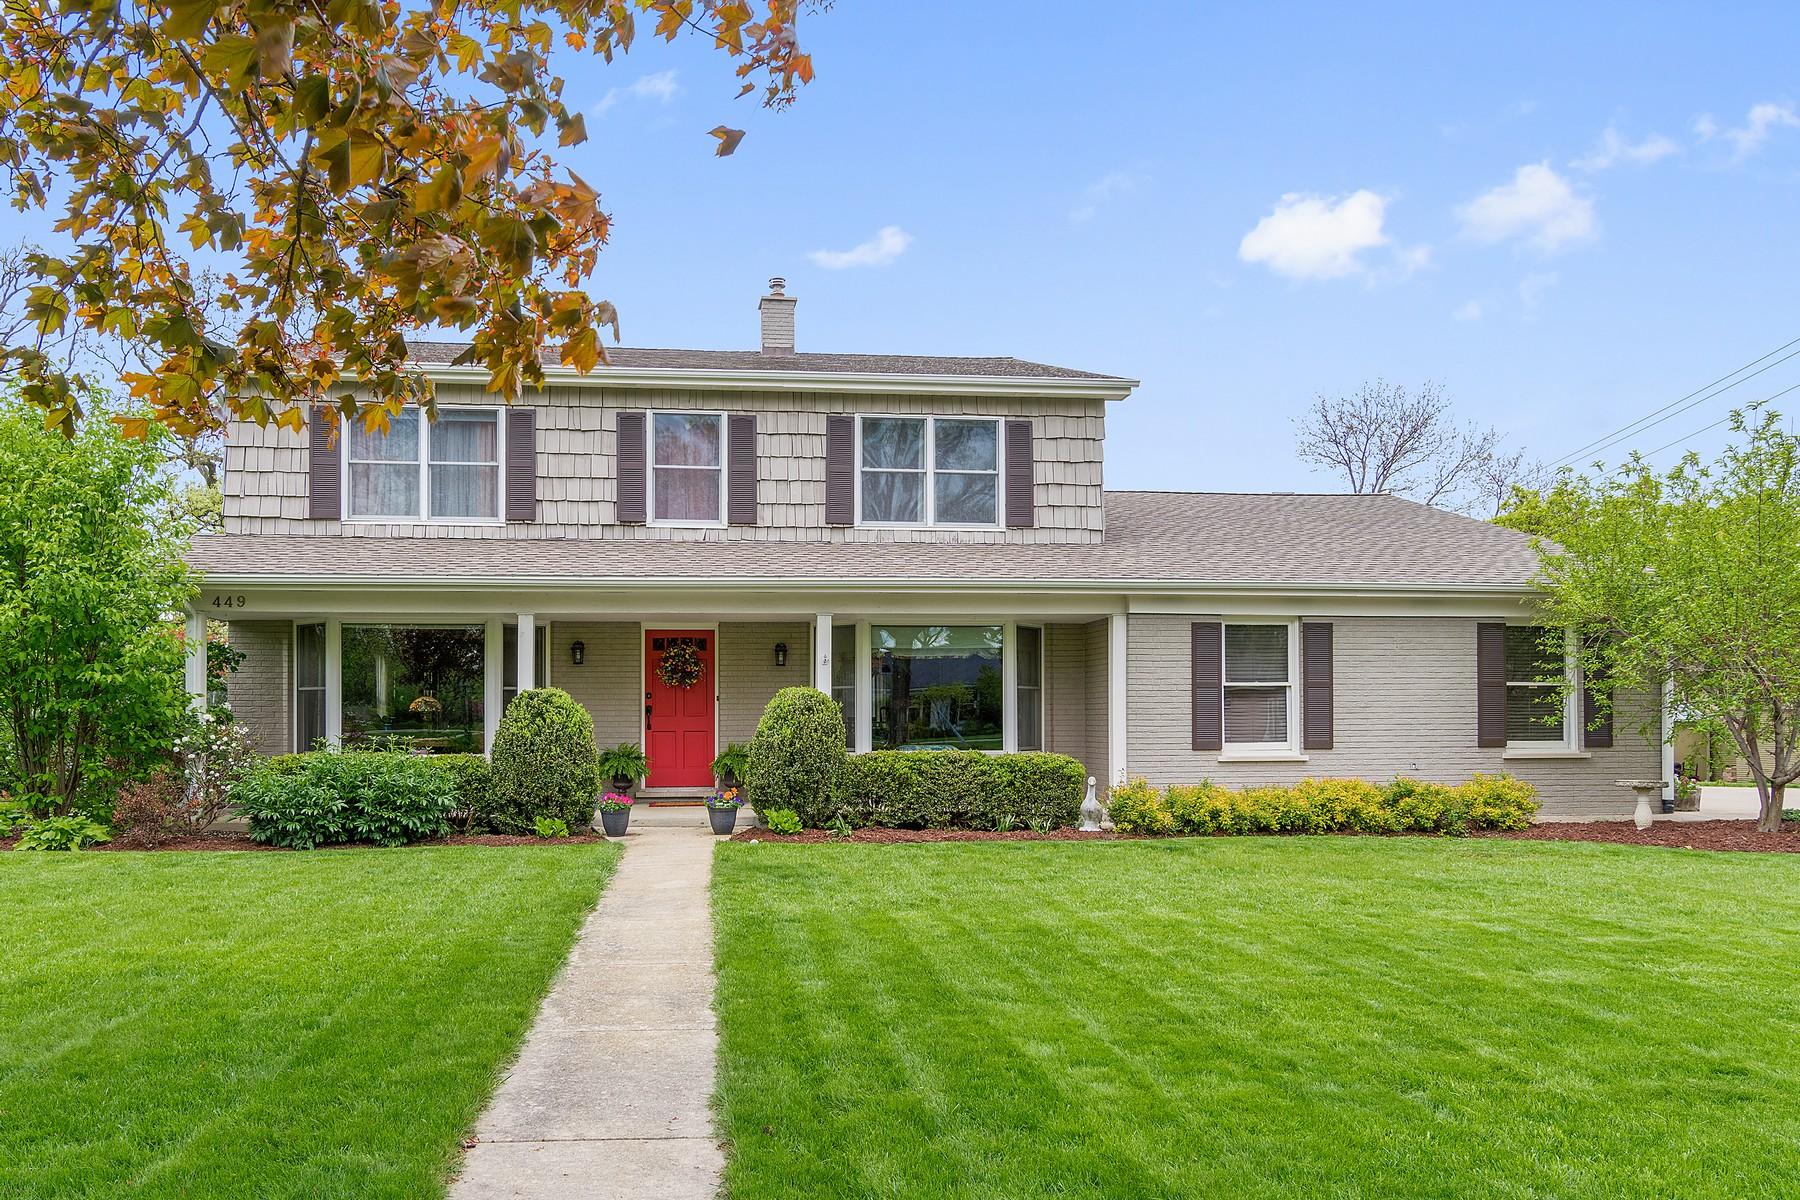 Maison unifamiliale pour l Vente à 449 Briargate 449 Briargate Terrace Hinsdale, Illinois, 60521 États-Unis